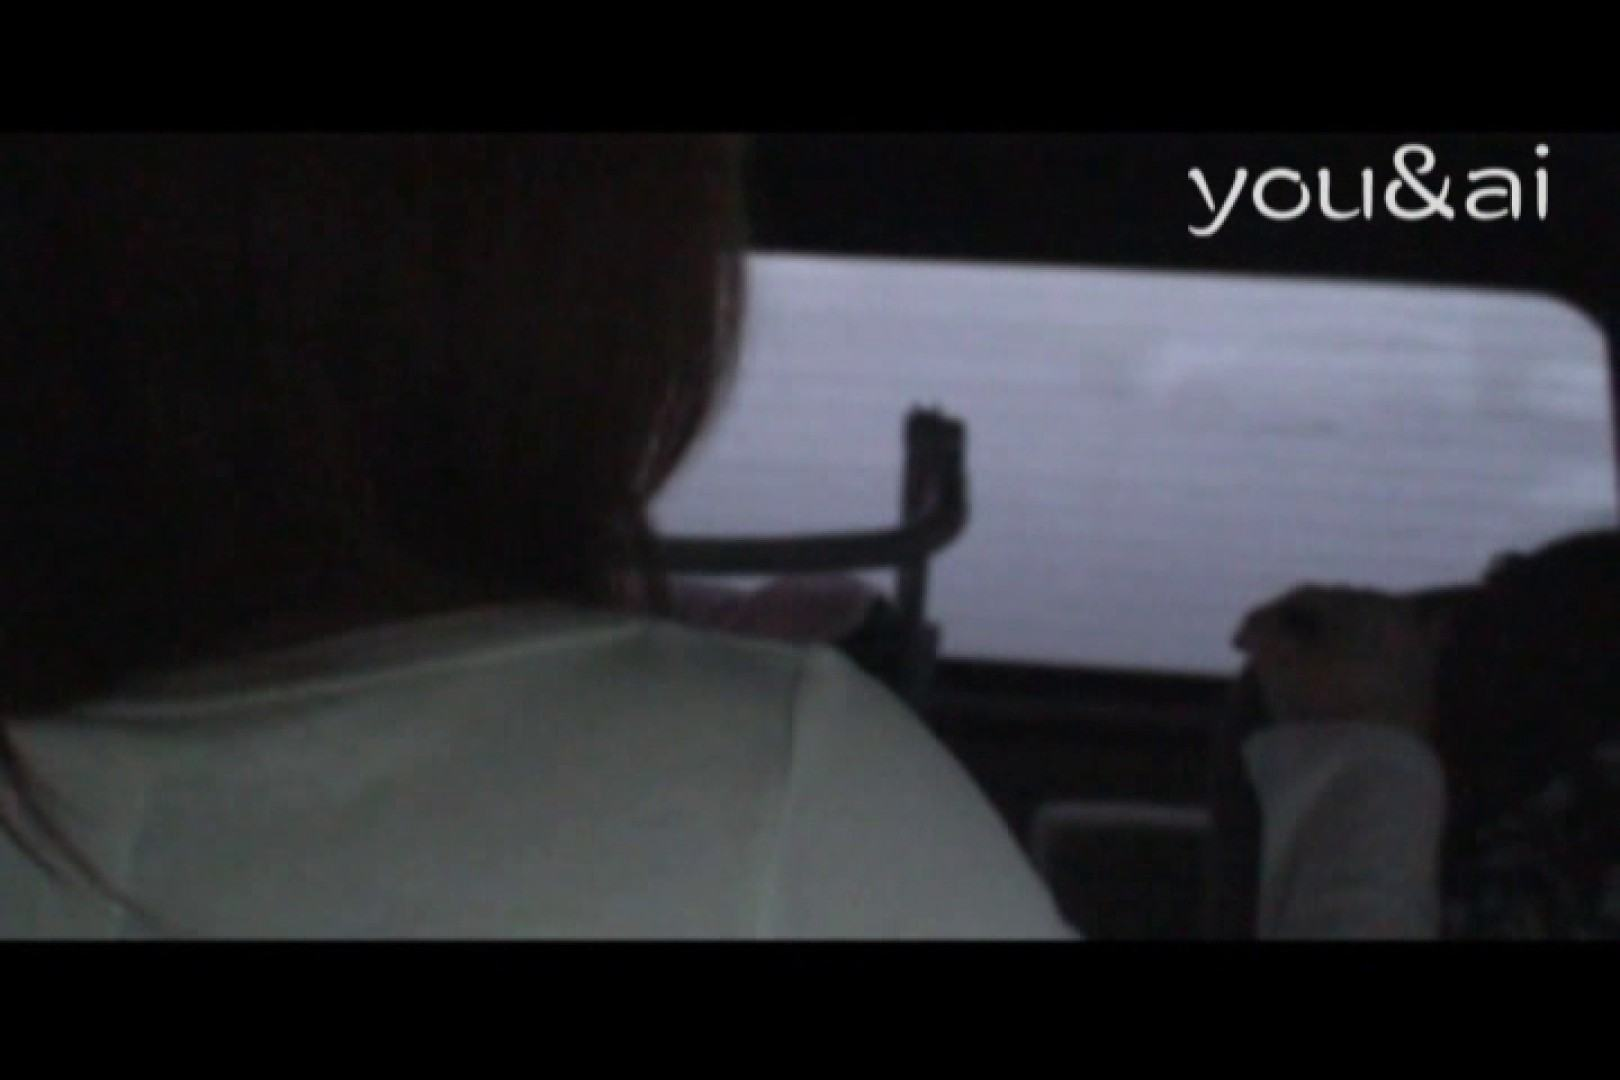 おしどり夫婦のyou&aiさん投稿作品vol.8 OL  83pic 12